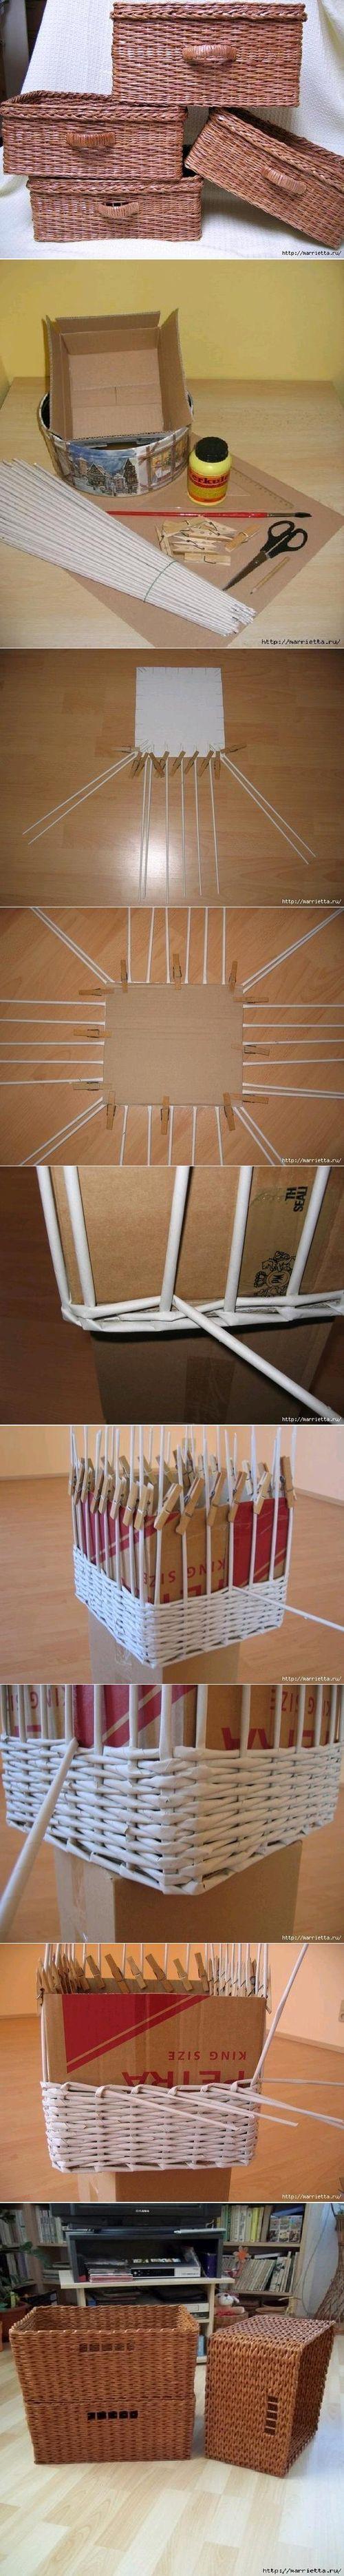 Canastos hechos con papel trenzado